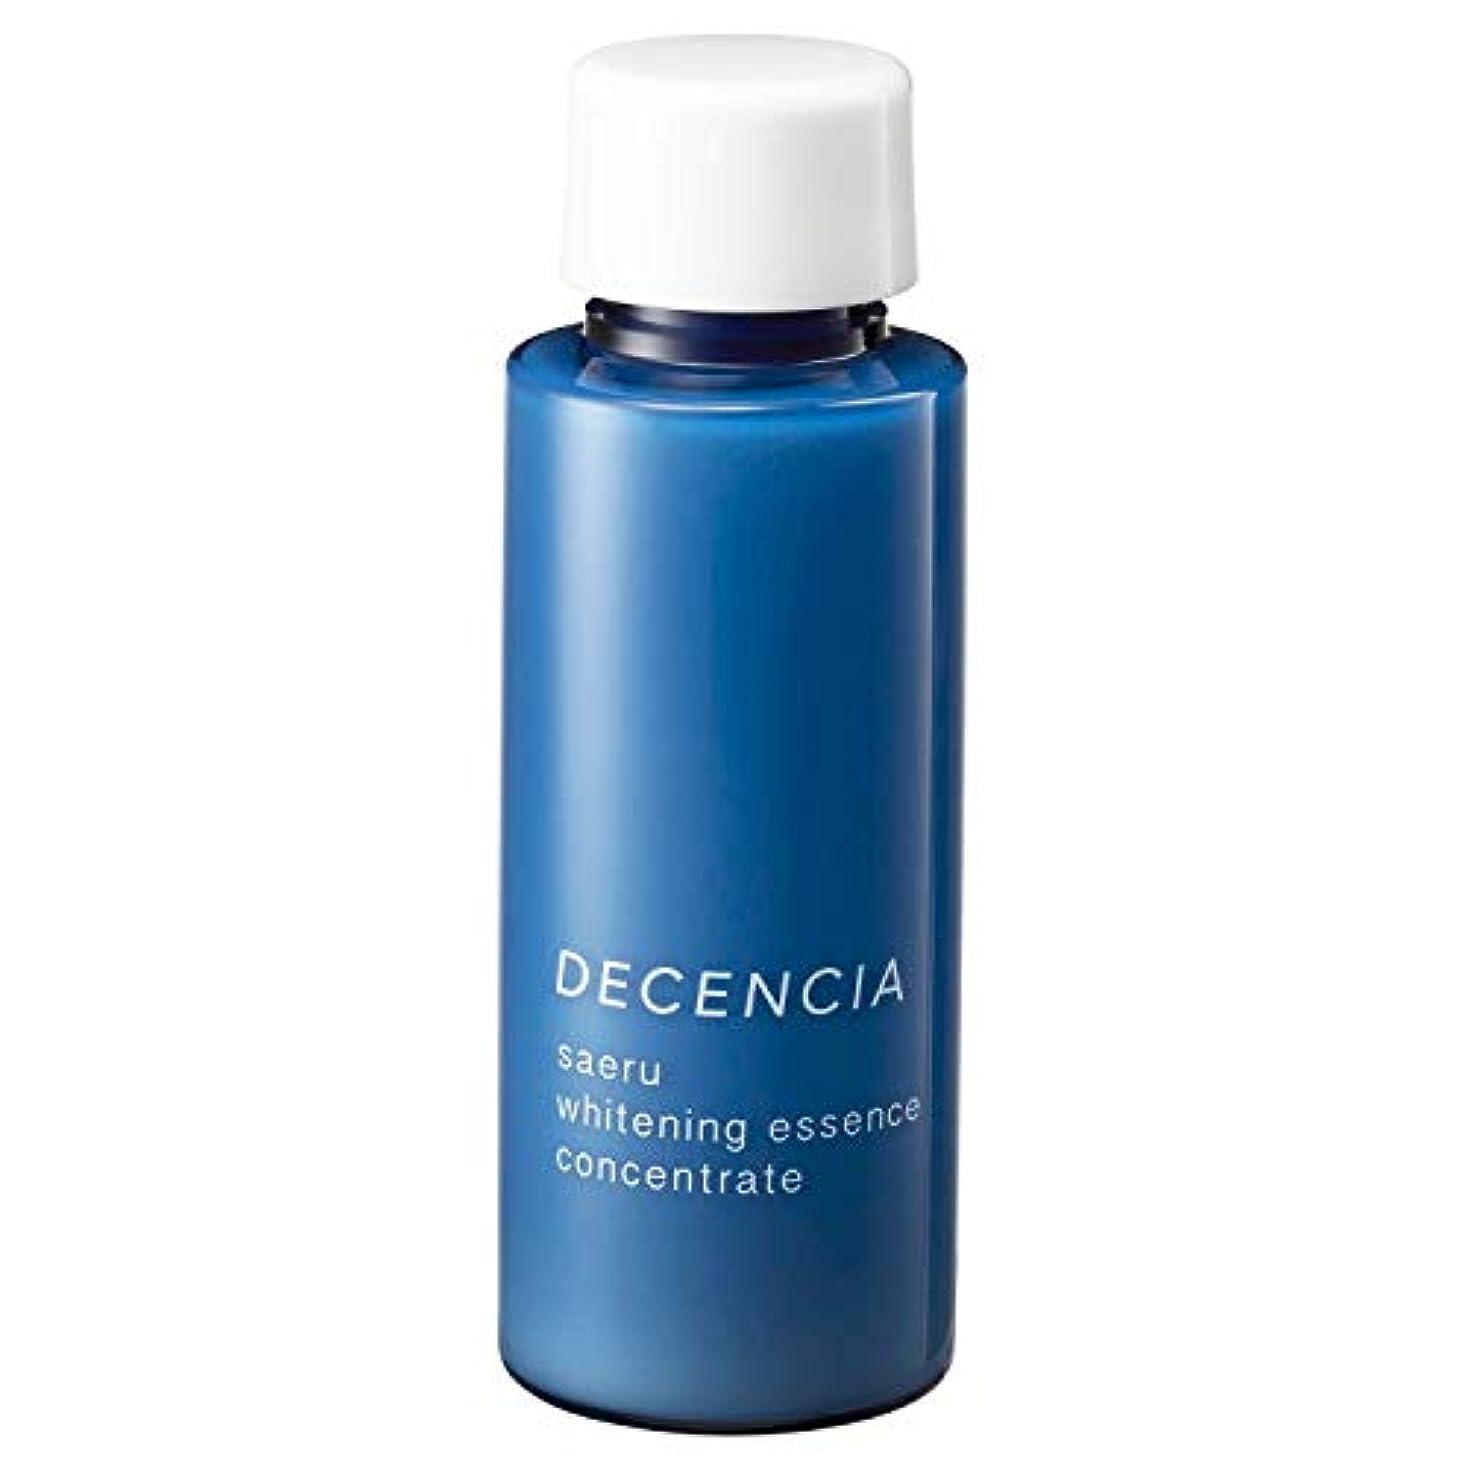 軽蔑する興奮するシーズンDECENCIA(ディセンシア) サエル ホワイトニング エッセンス コンセントレート 美容液 リフィル 詰替え用 36g